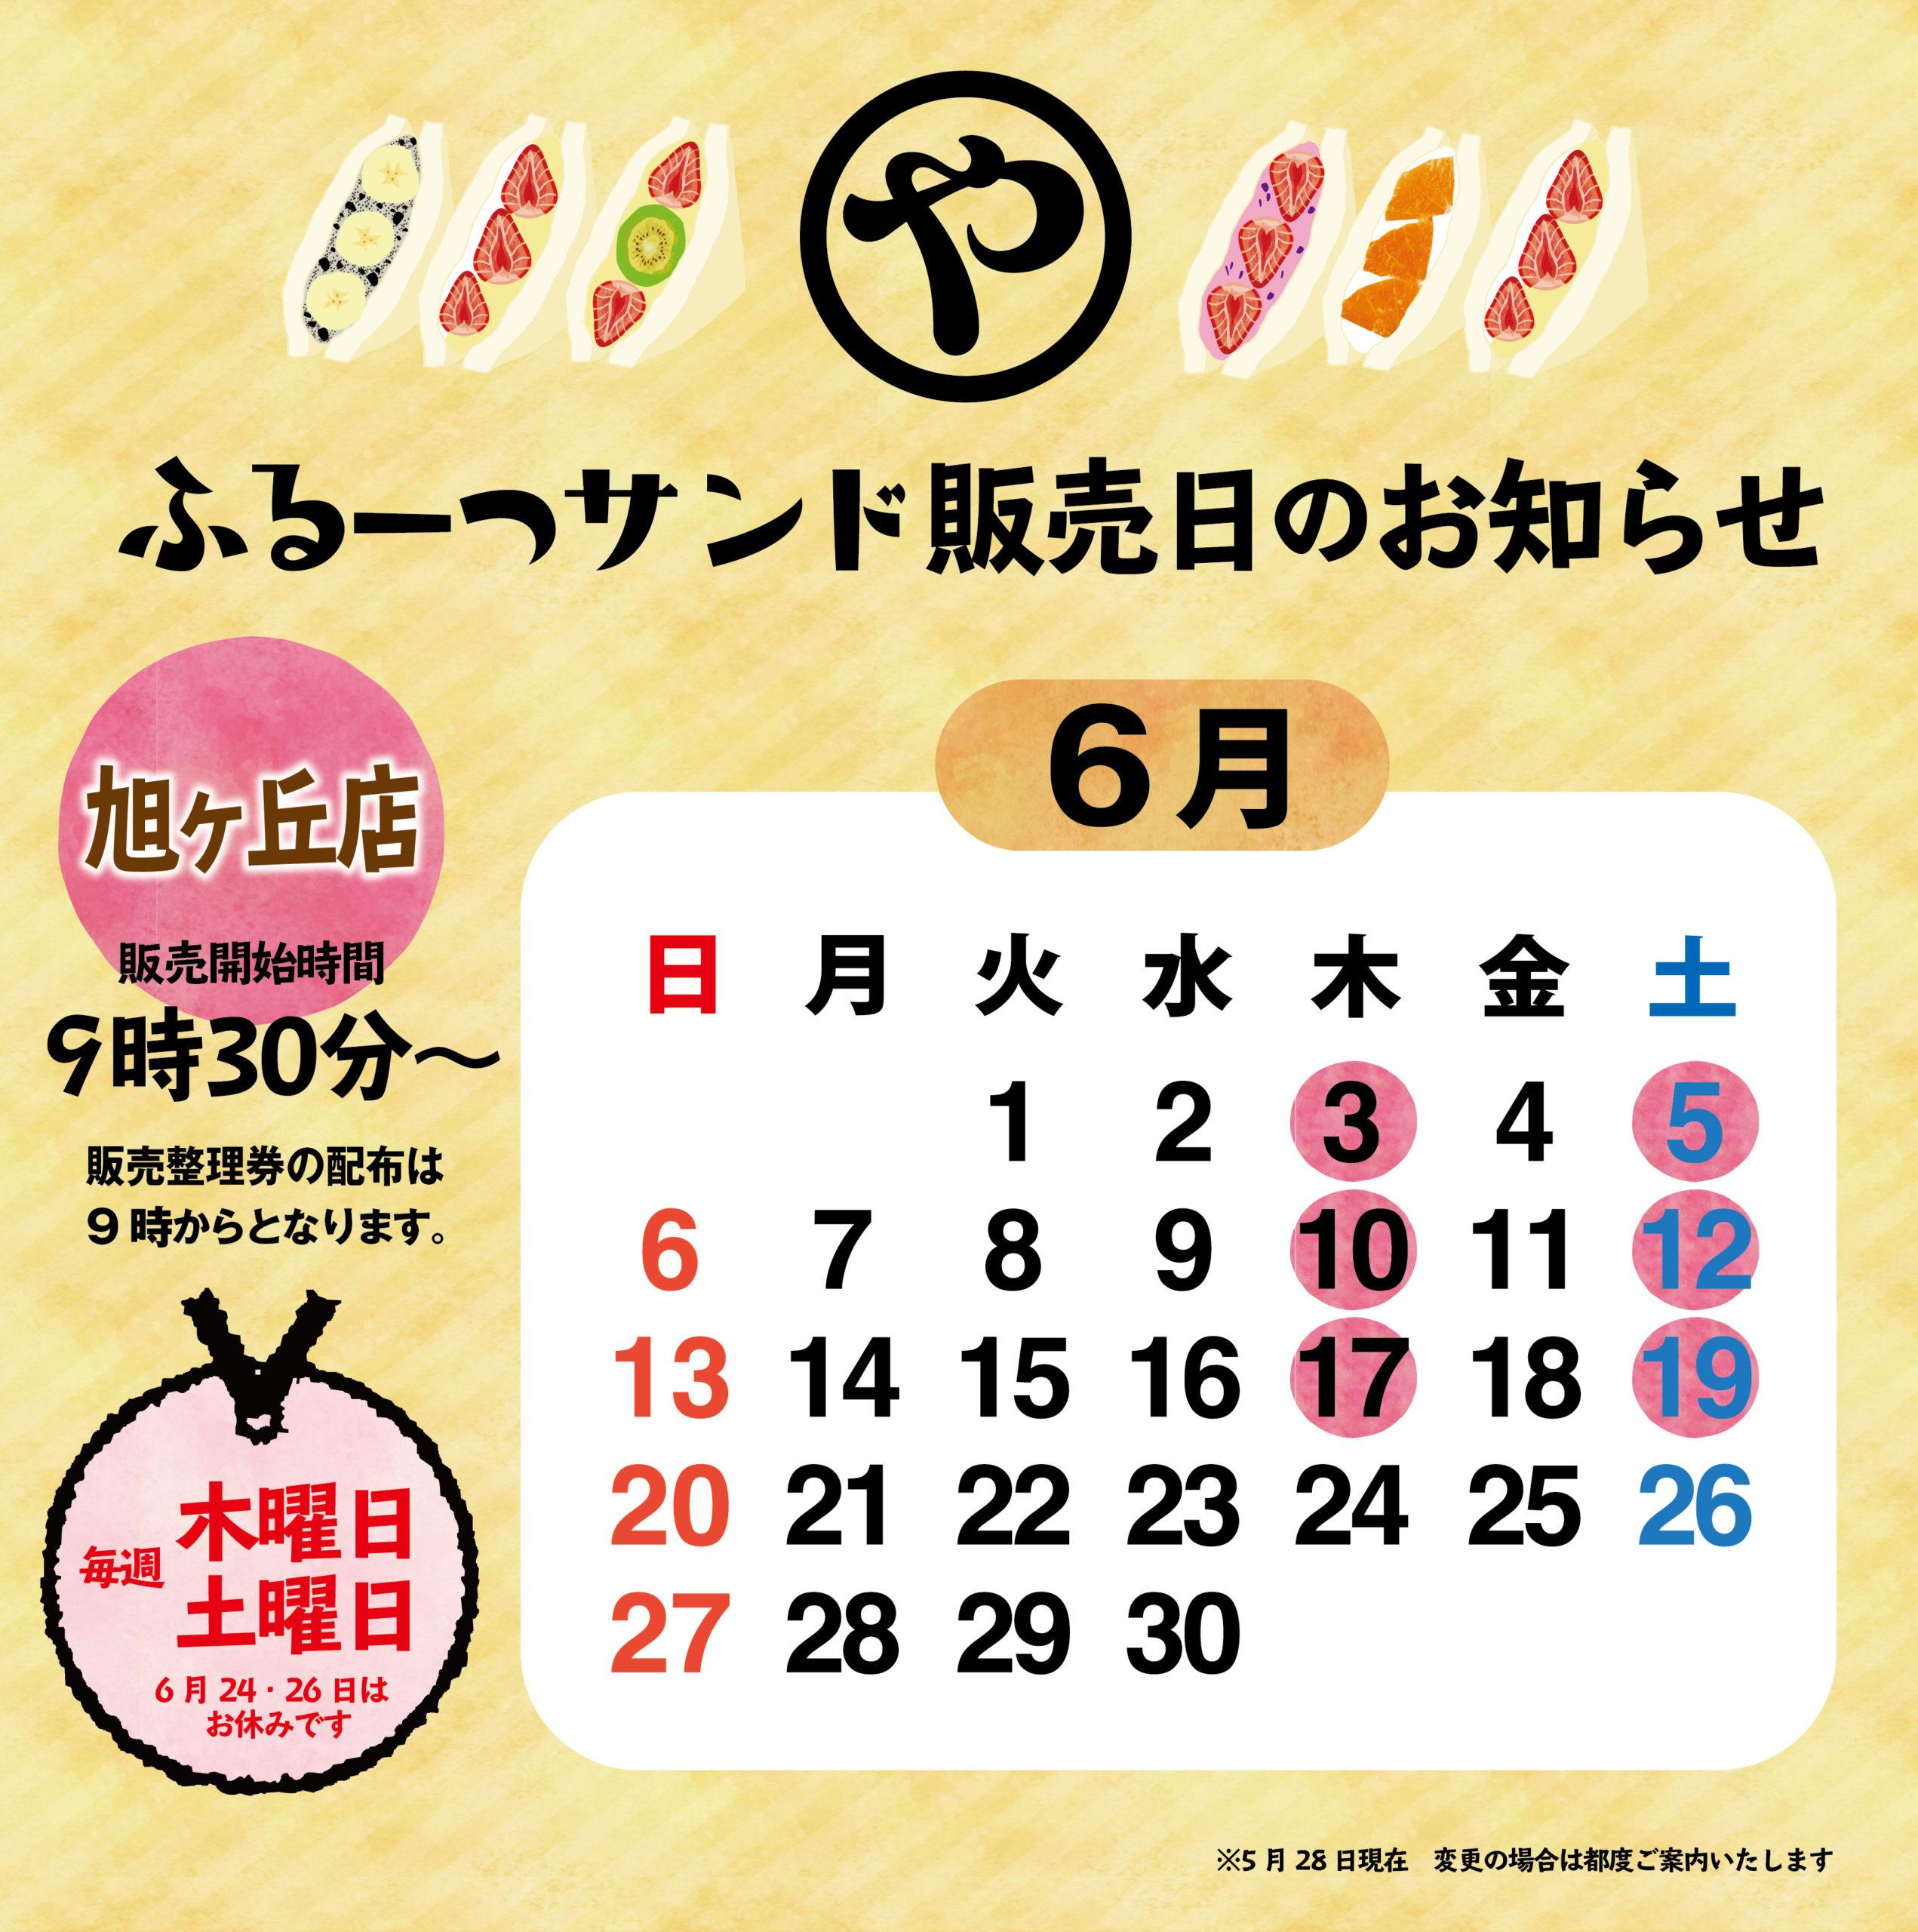 【2021年6月】ふるーつサンド販売日のお知らせ